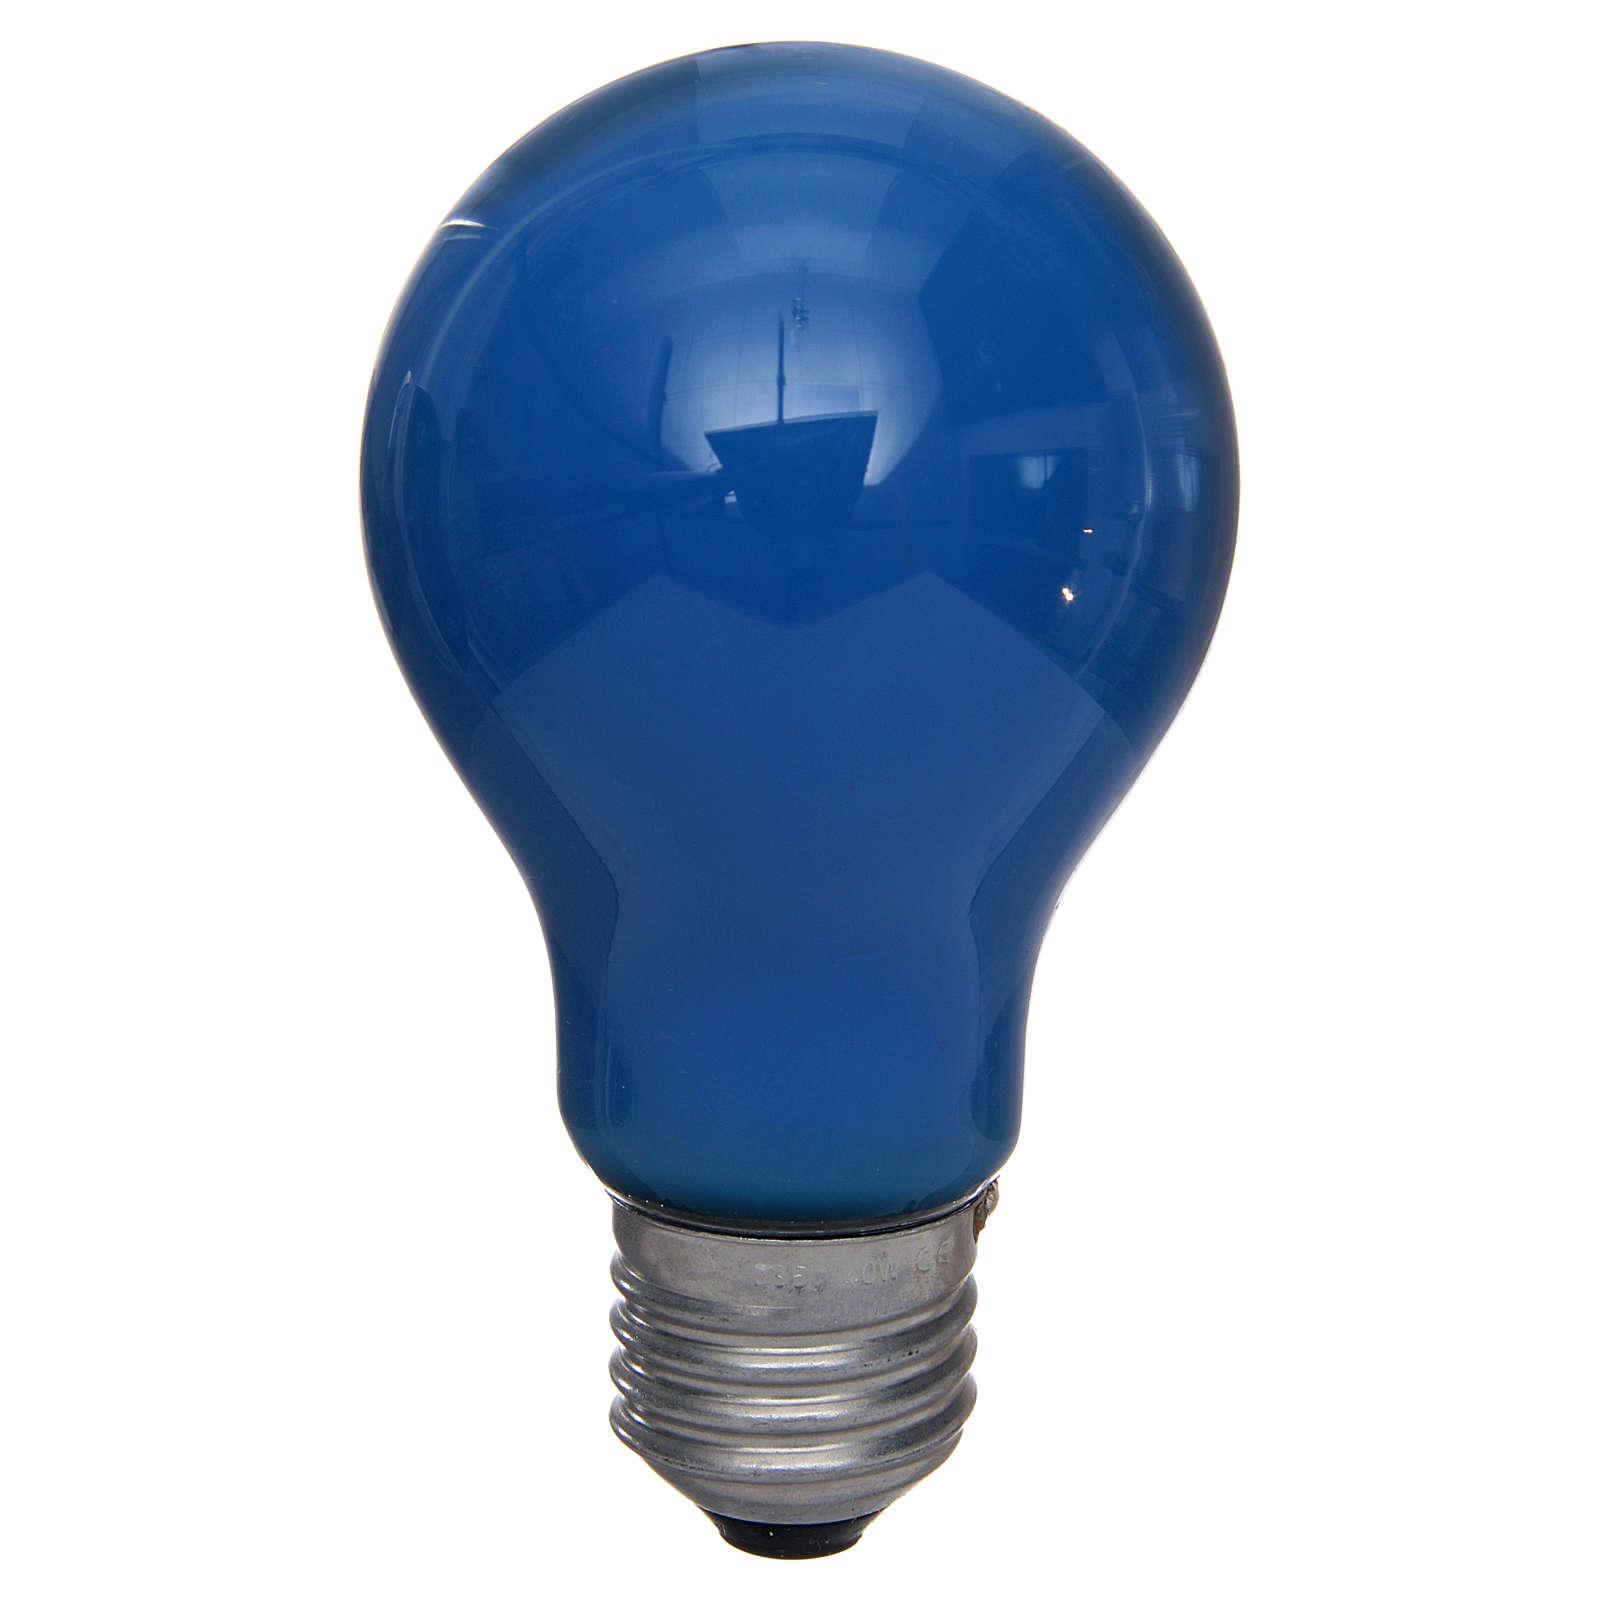 Lampada 40W azzurro E27 per illuminazione presepi 4